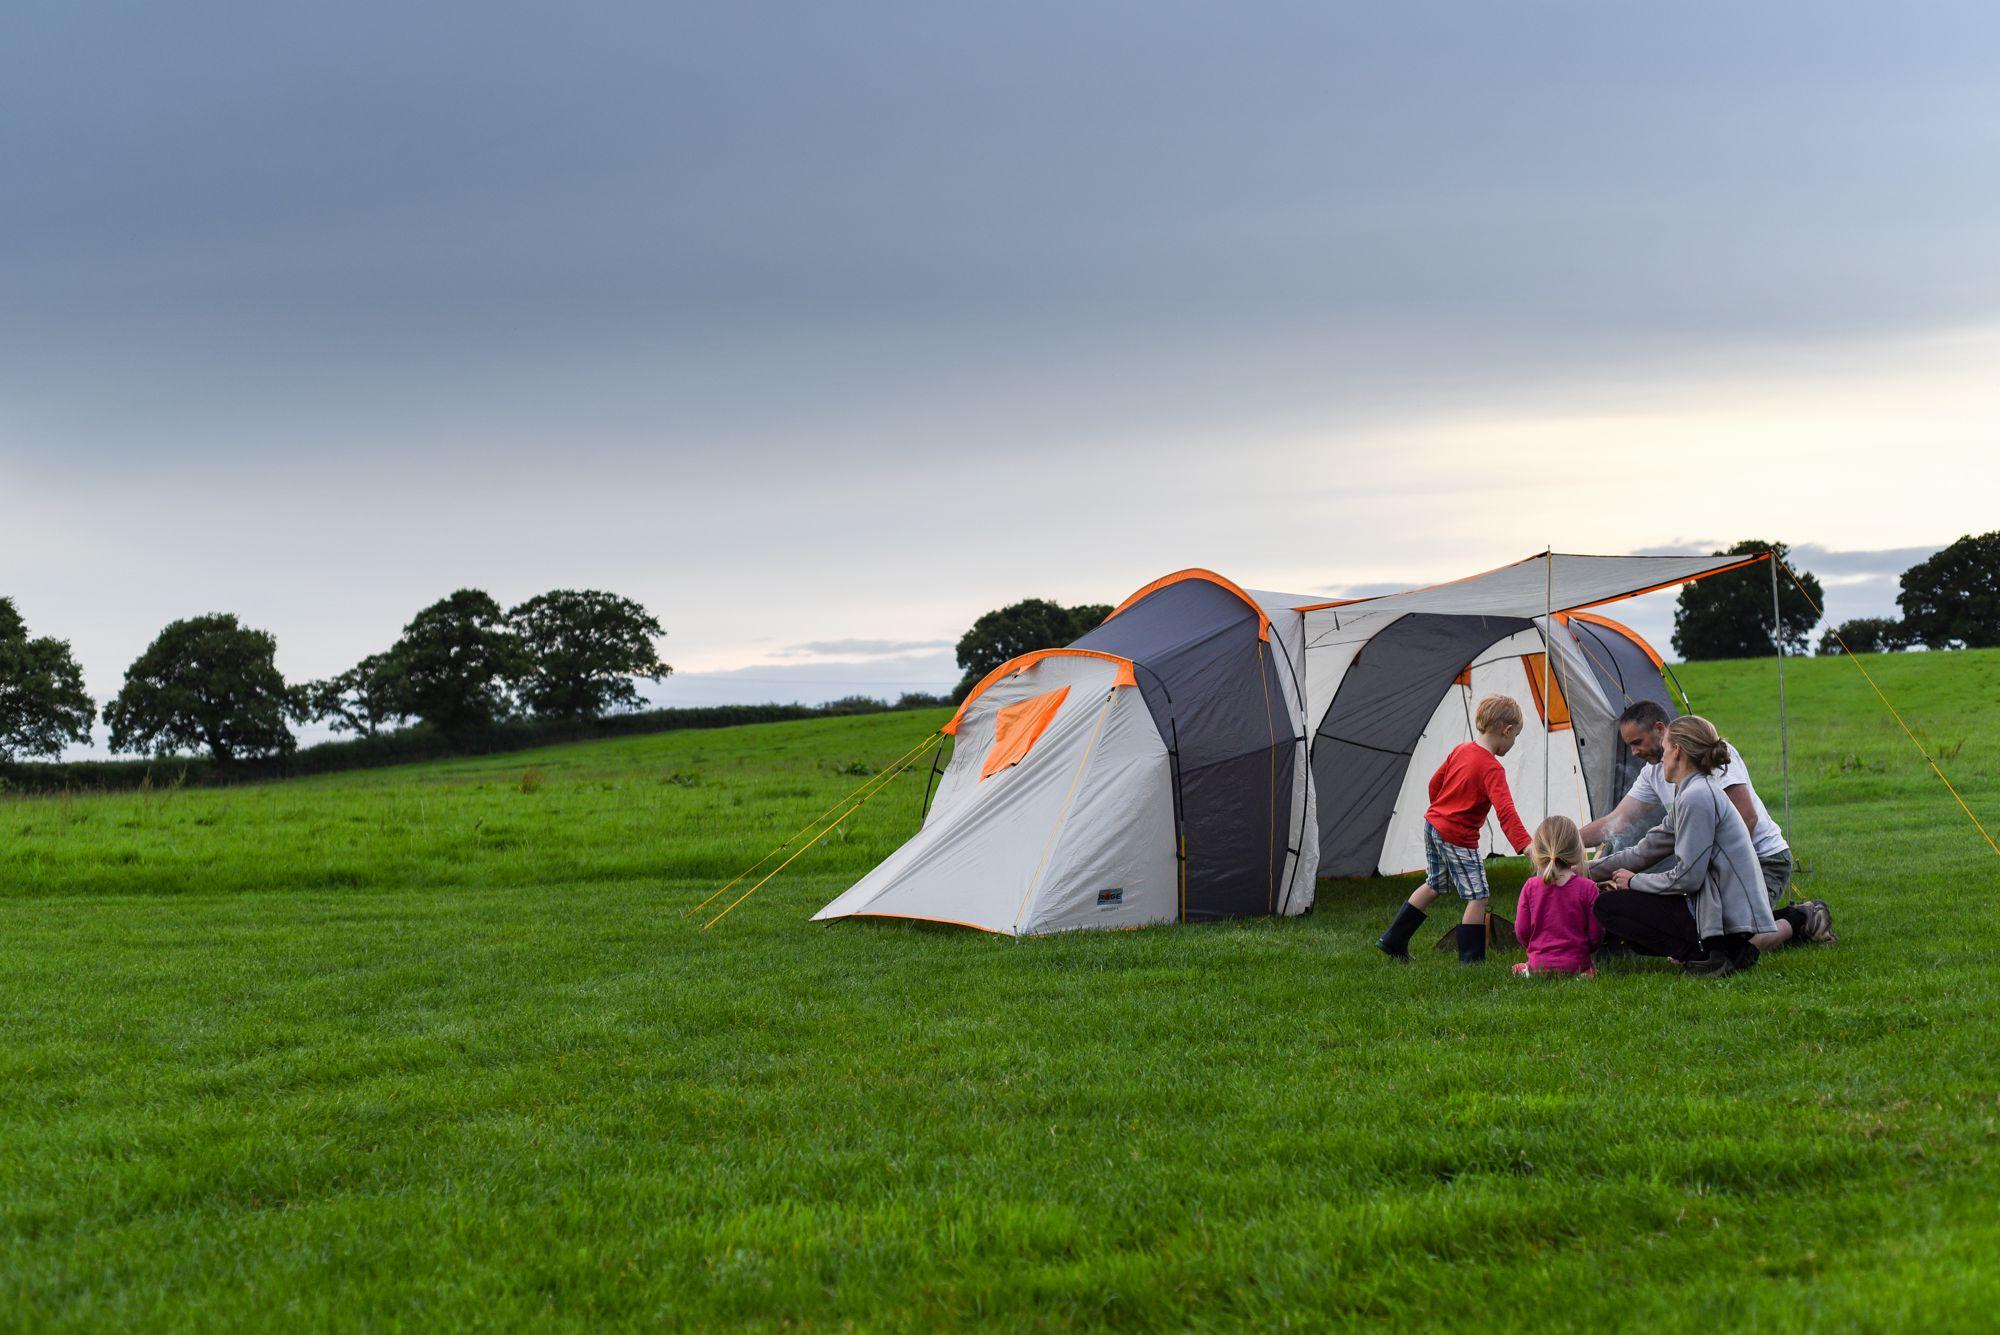 Glamping in Malmesbury – Cool Camping